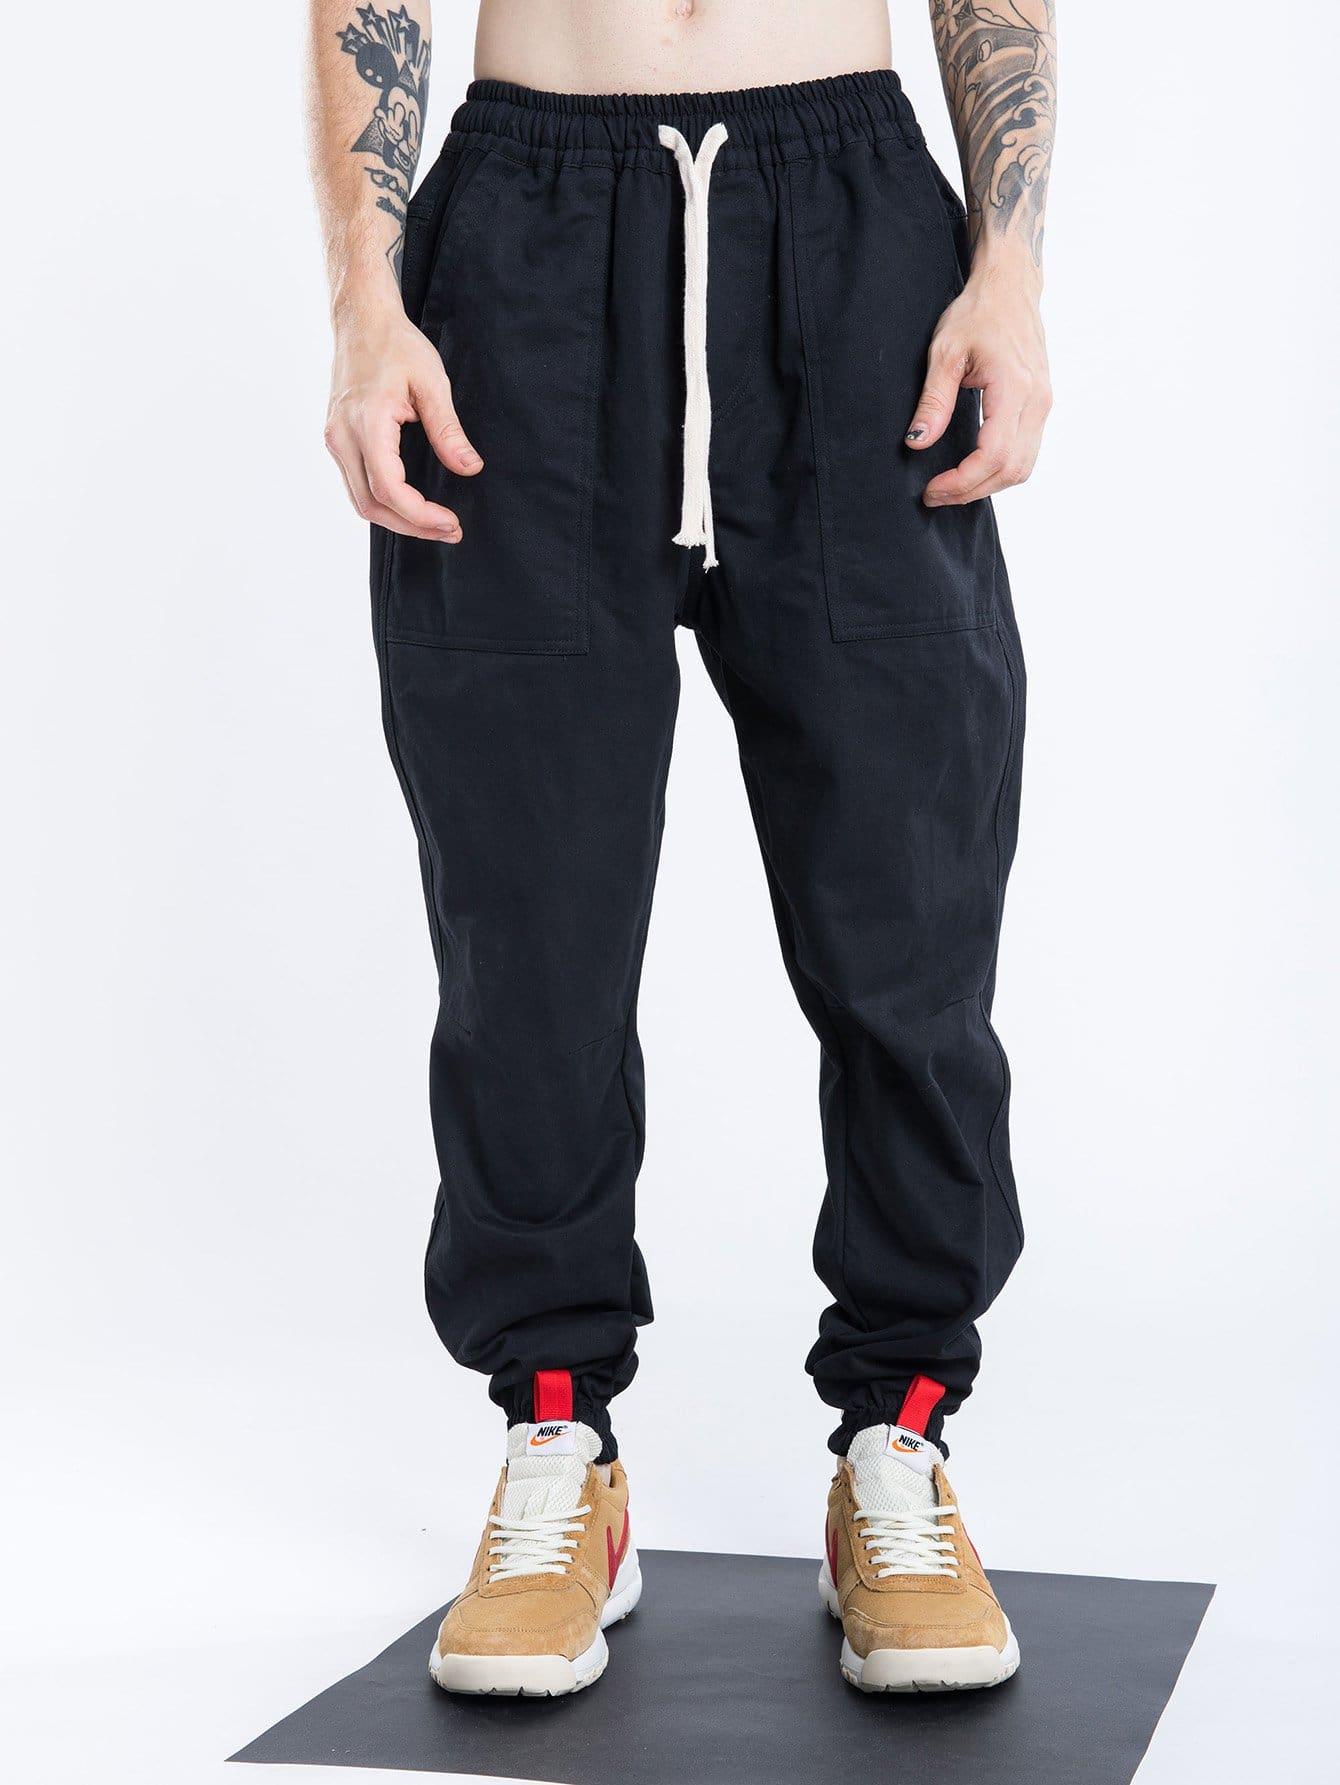 Men Mesh Elastic Foot Drawstring Pants men elastic foot drawstring jeans